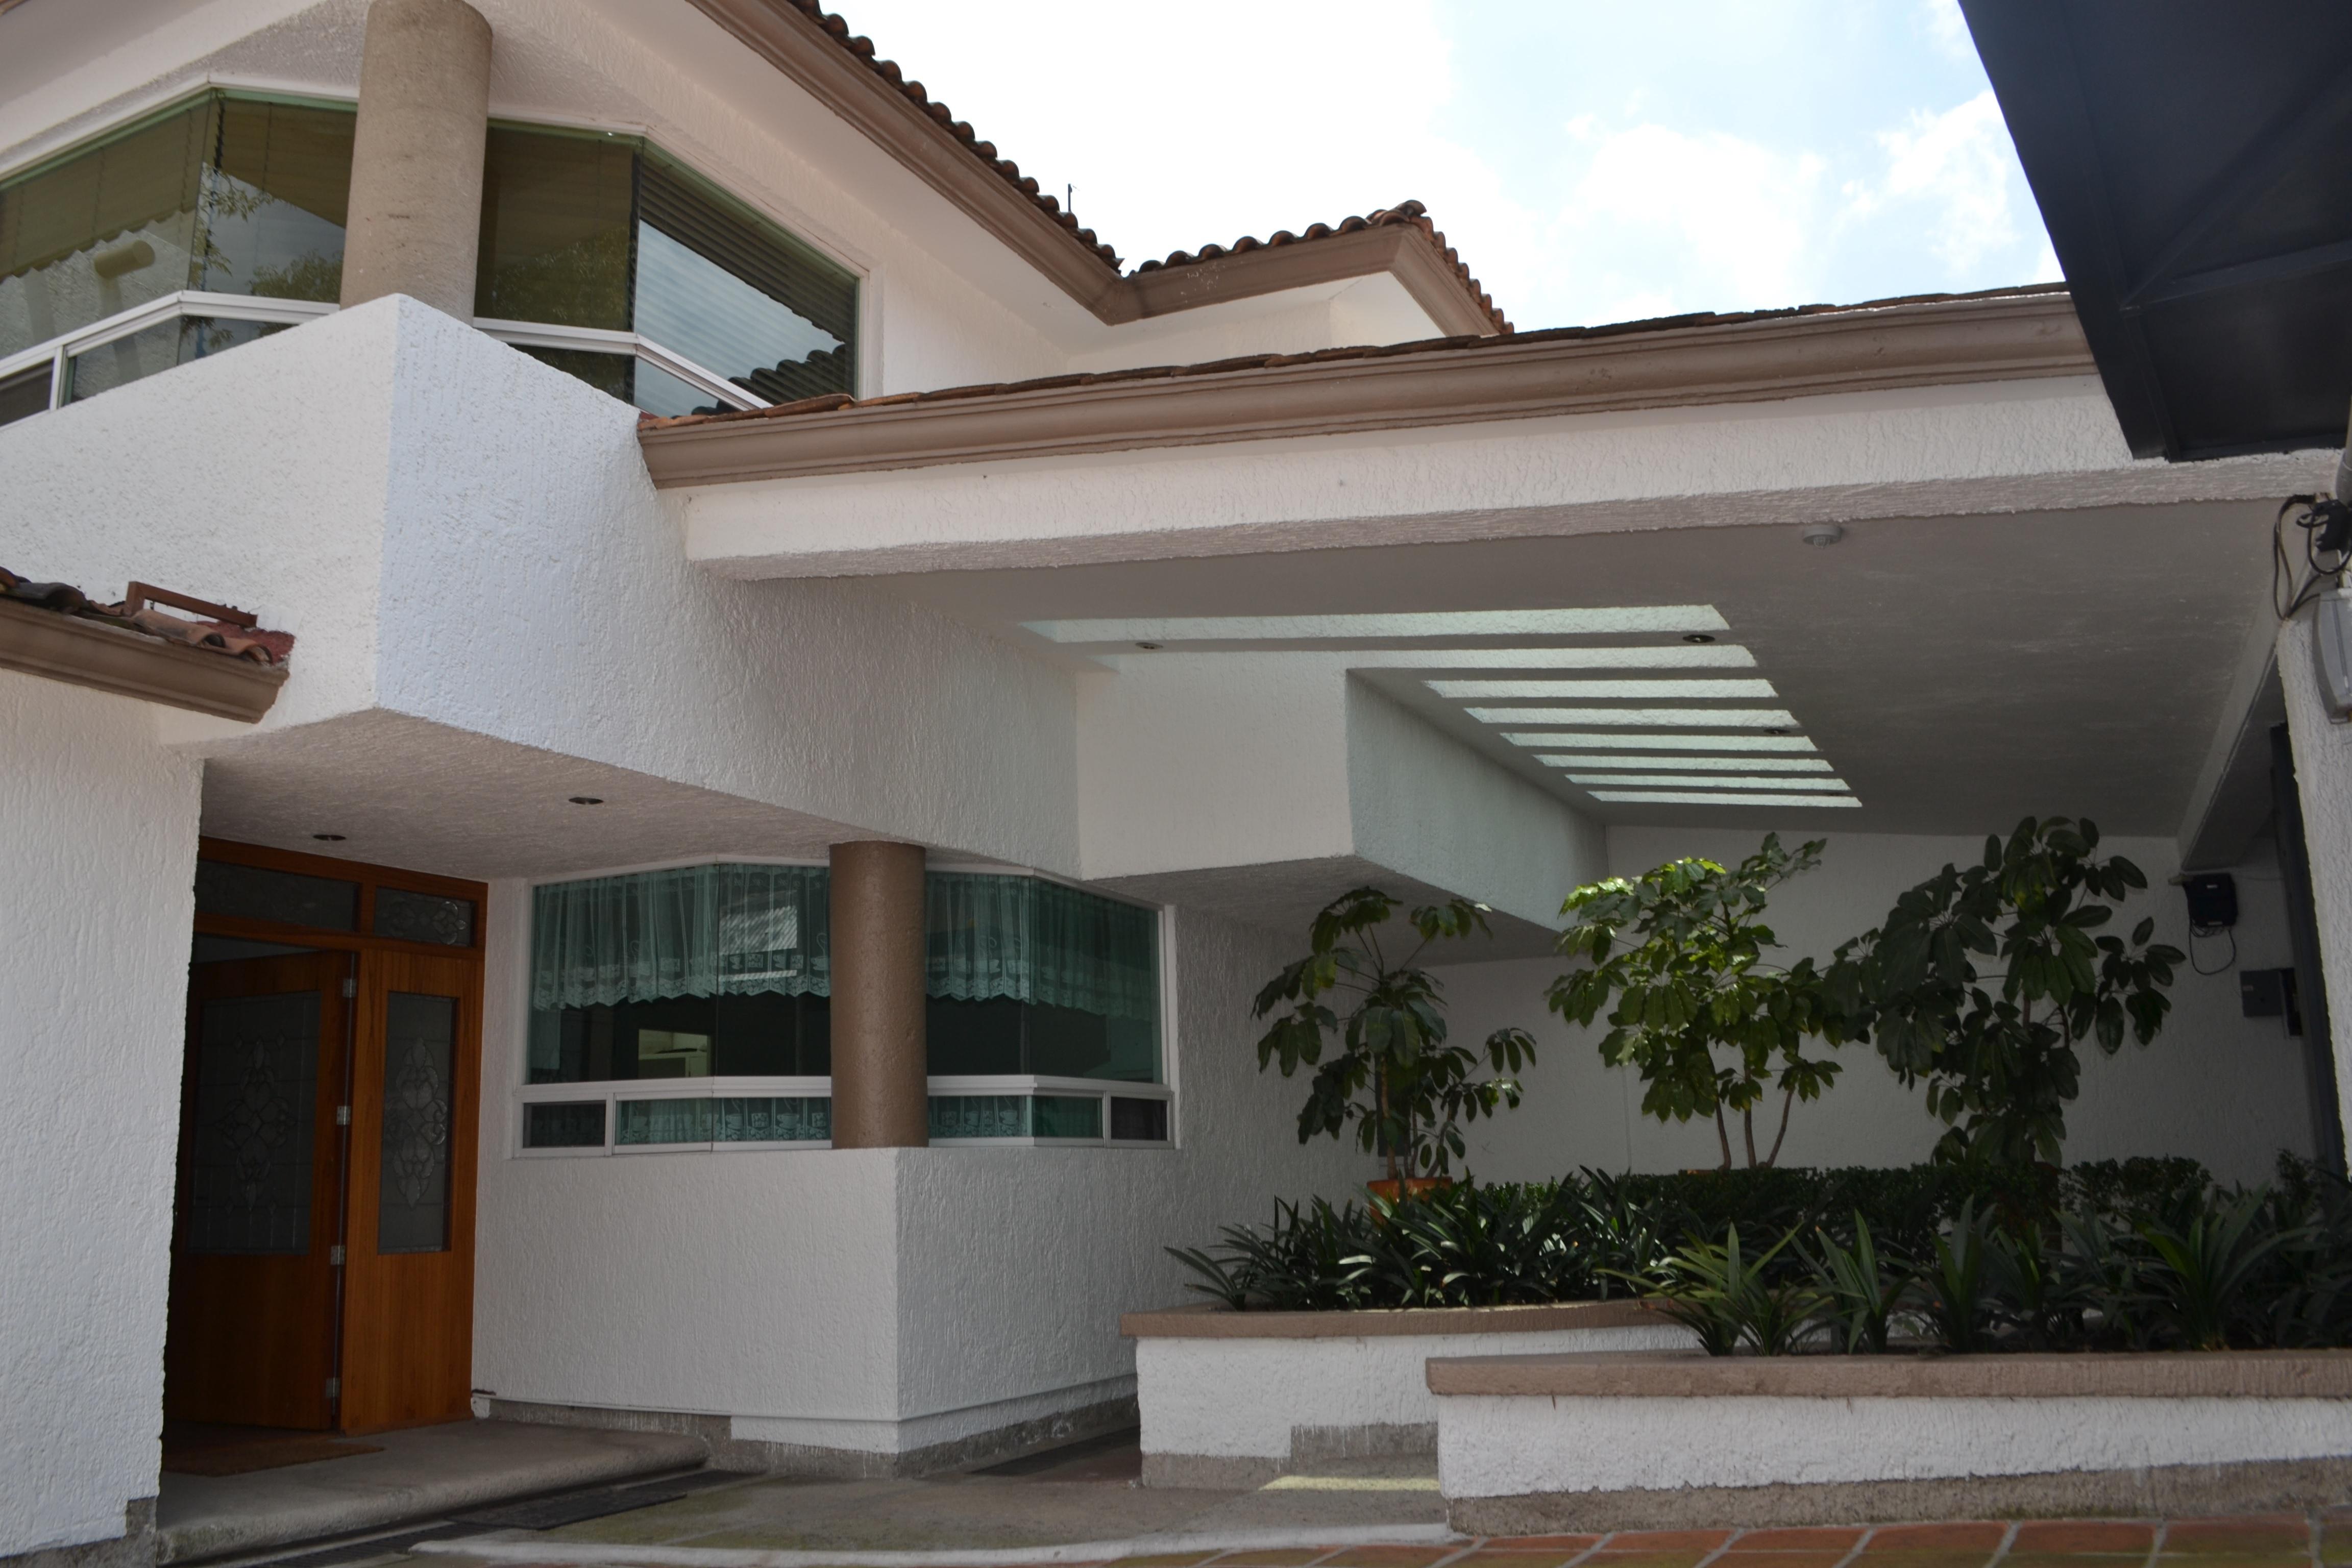 Casa en venta lomas de las palmas huixquilucan 5 - Casa activa las palmas ...